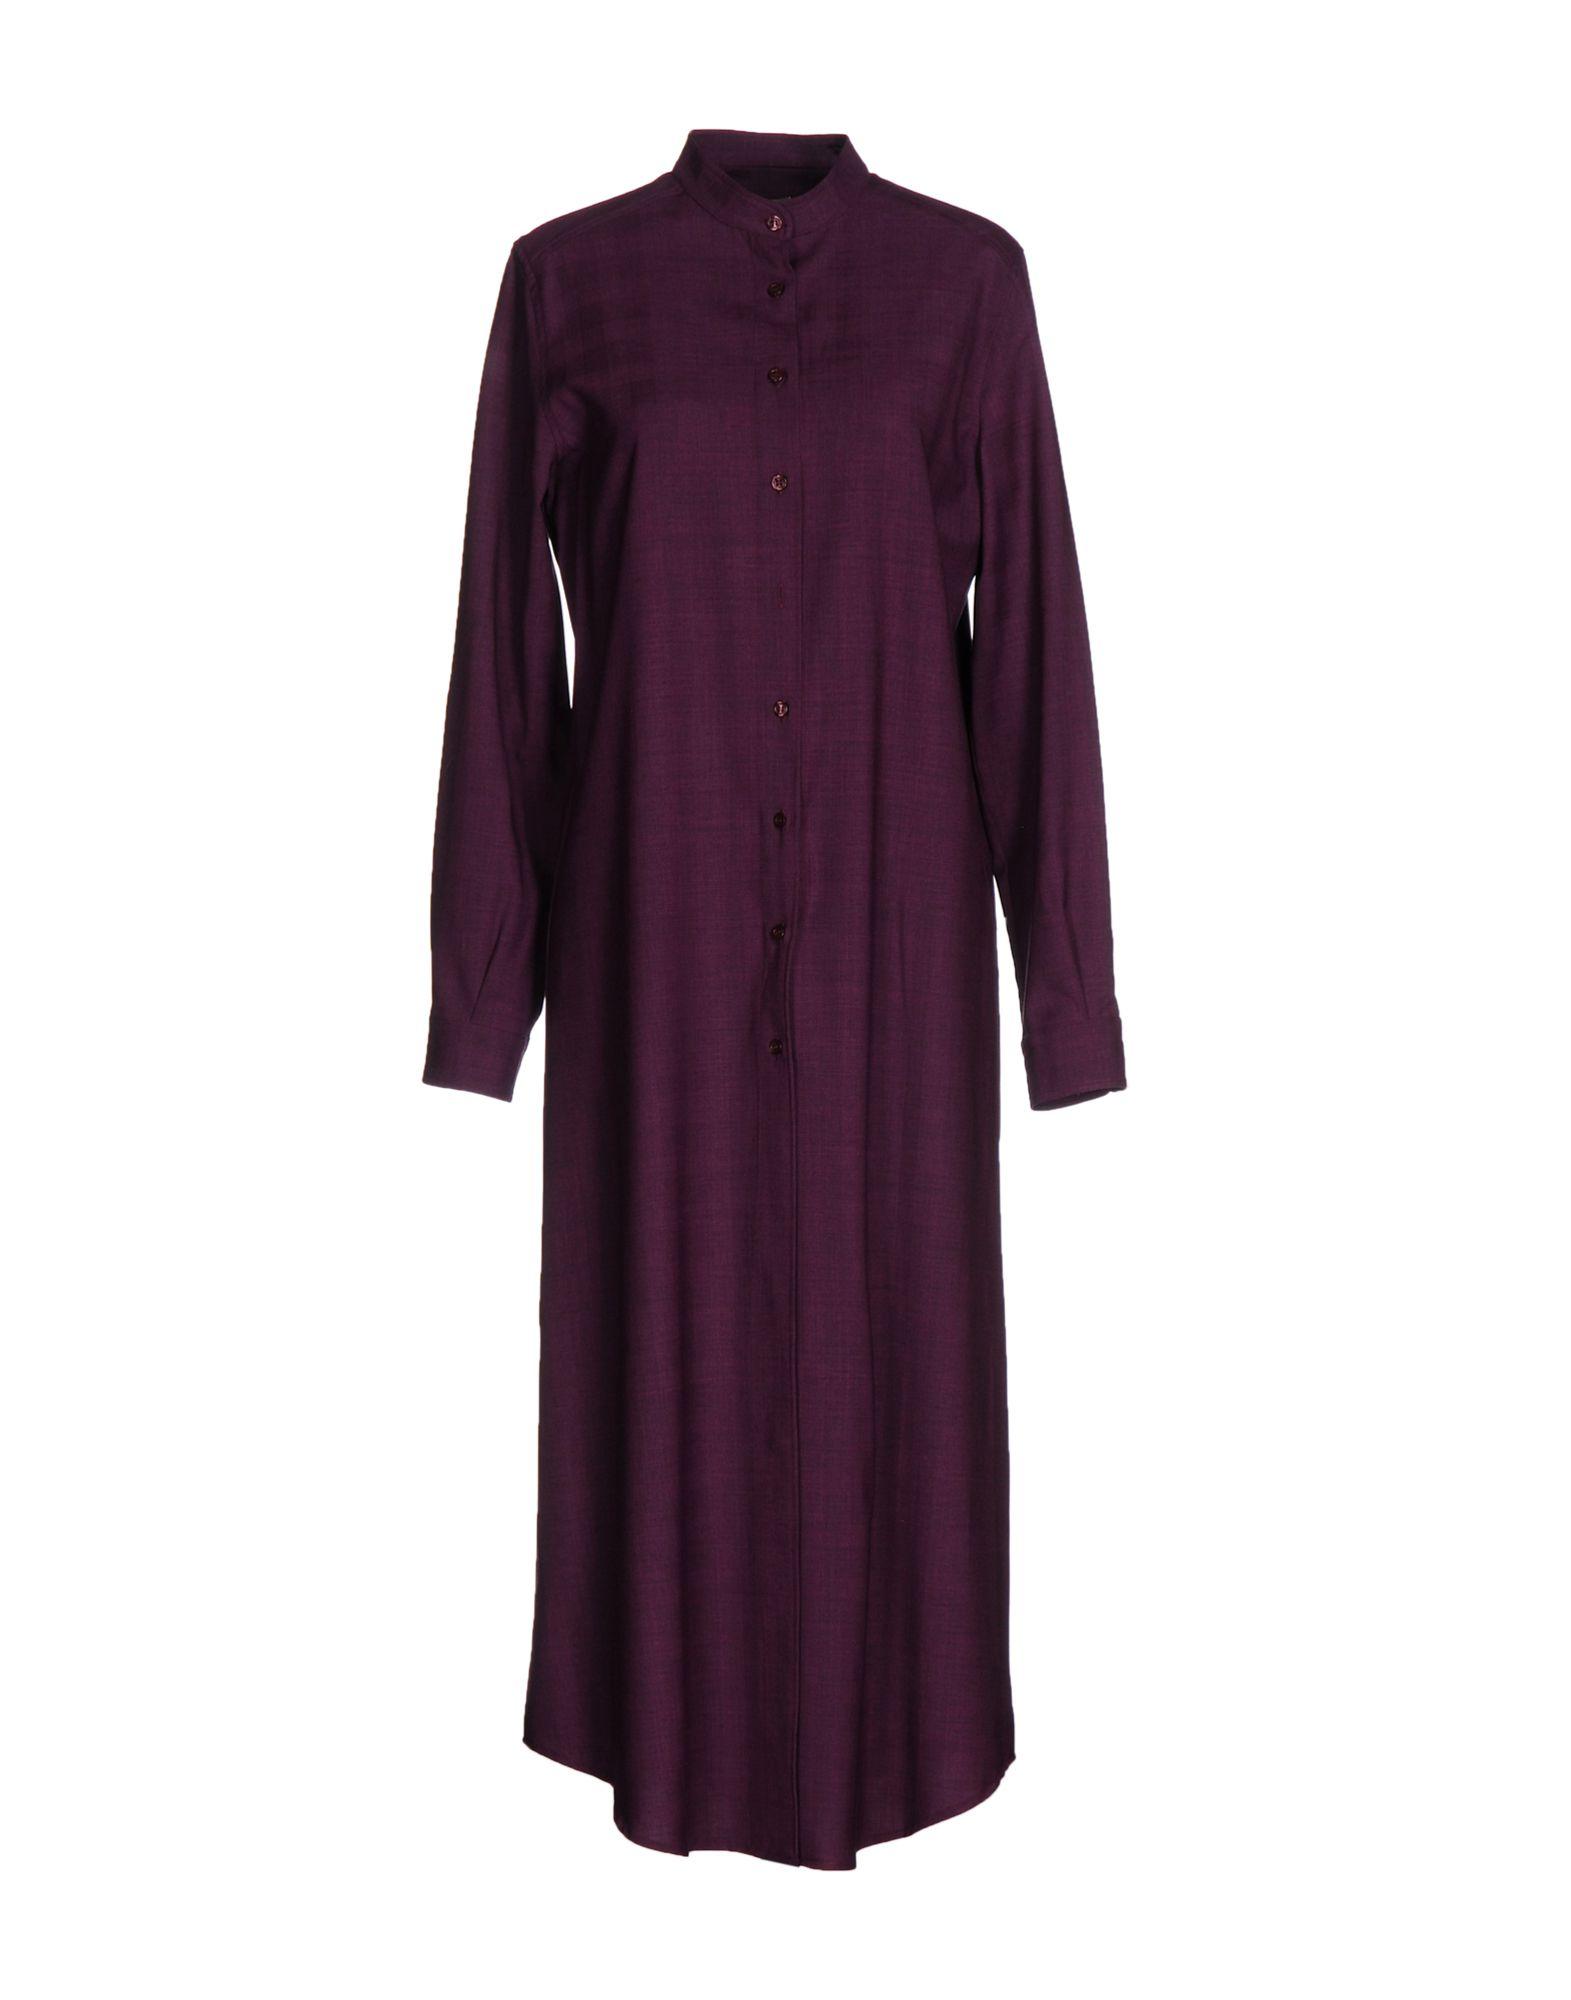 AM Платье длиной 3/4 lisa corti платье длиной 3 4